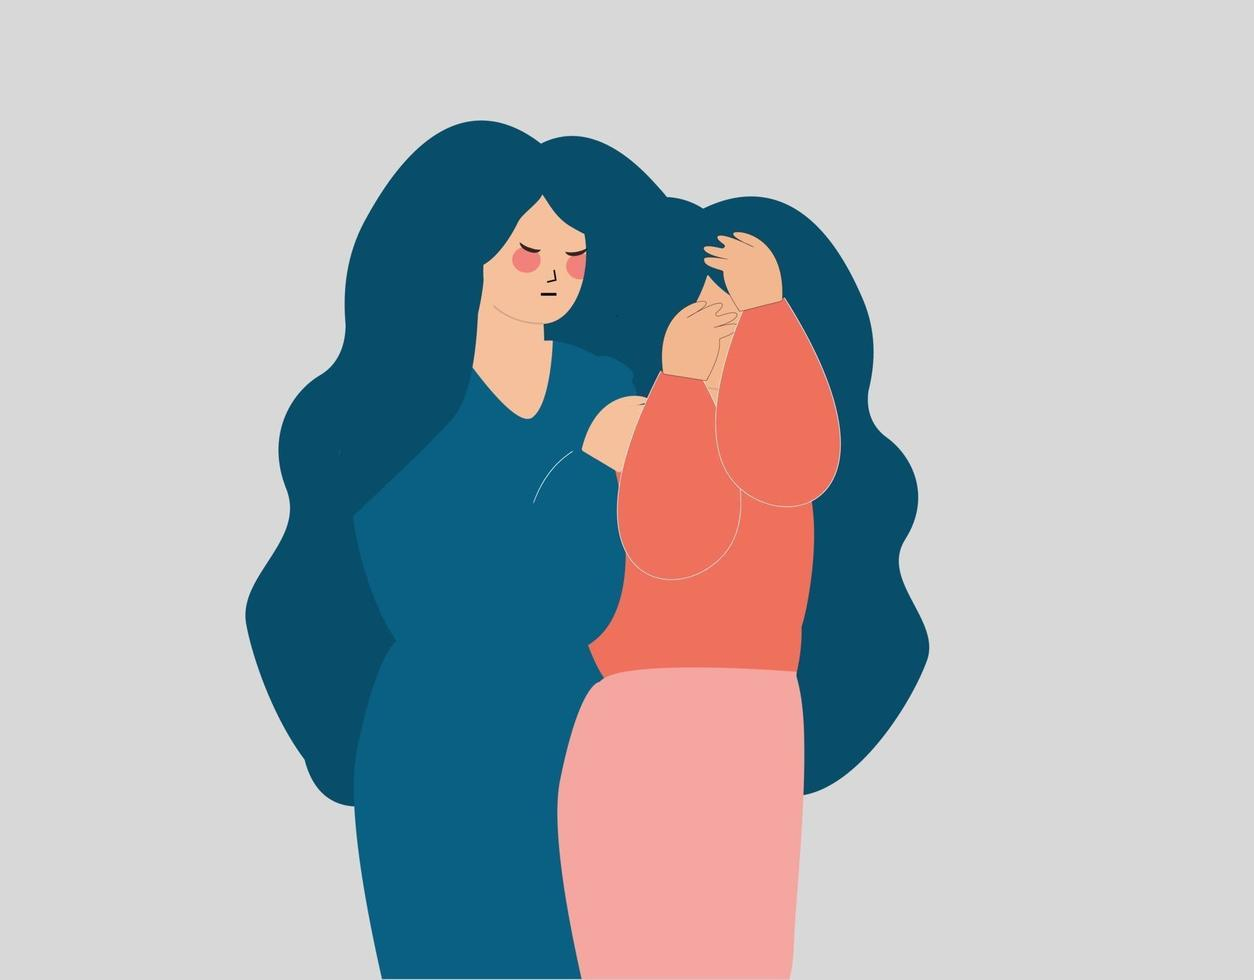 mulher deprimida cobrindo o rosto e sendo apoiada pela amiga. vetor